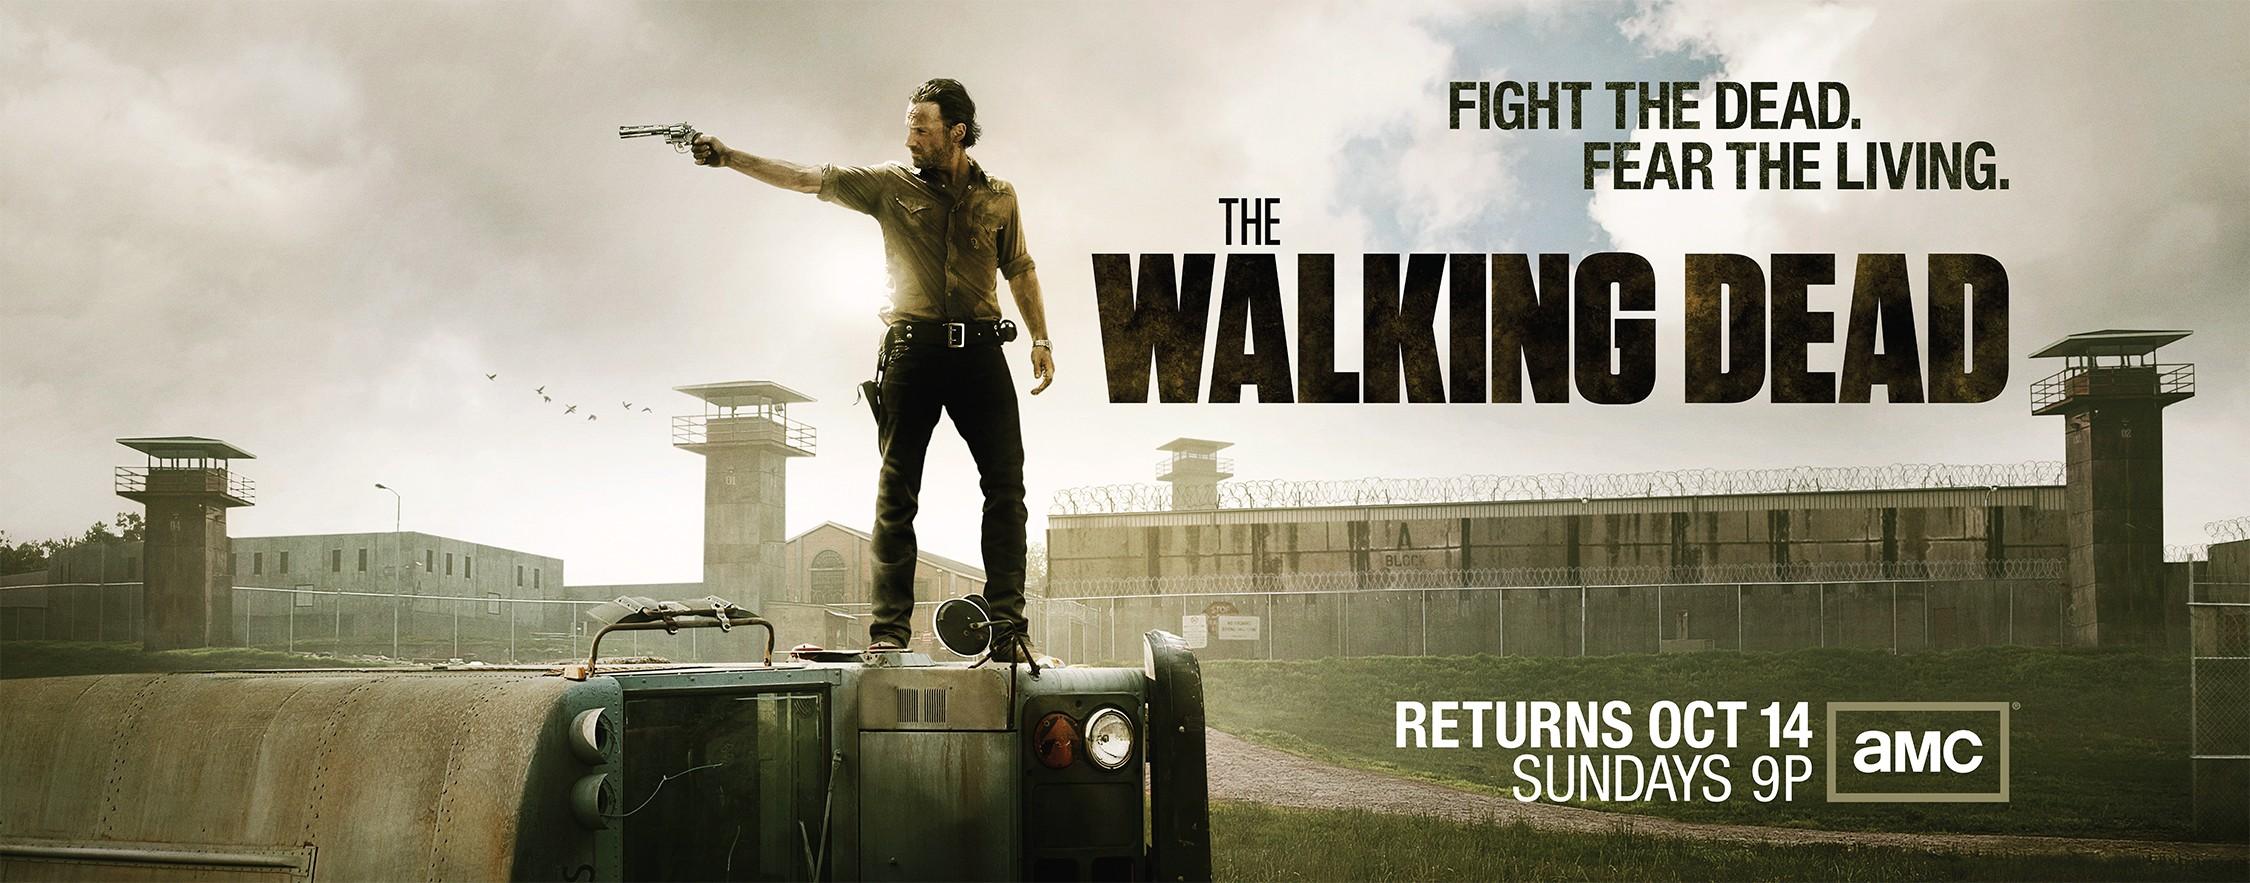 Кадры из фильма ходячие мертвецы смотреть онлайн 1 сезон в hd 720